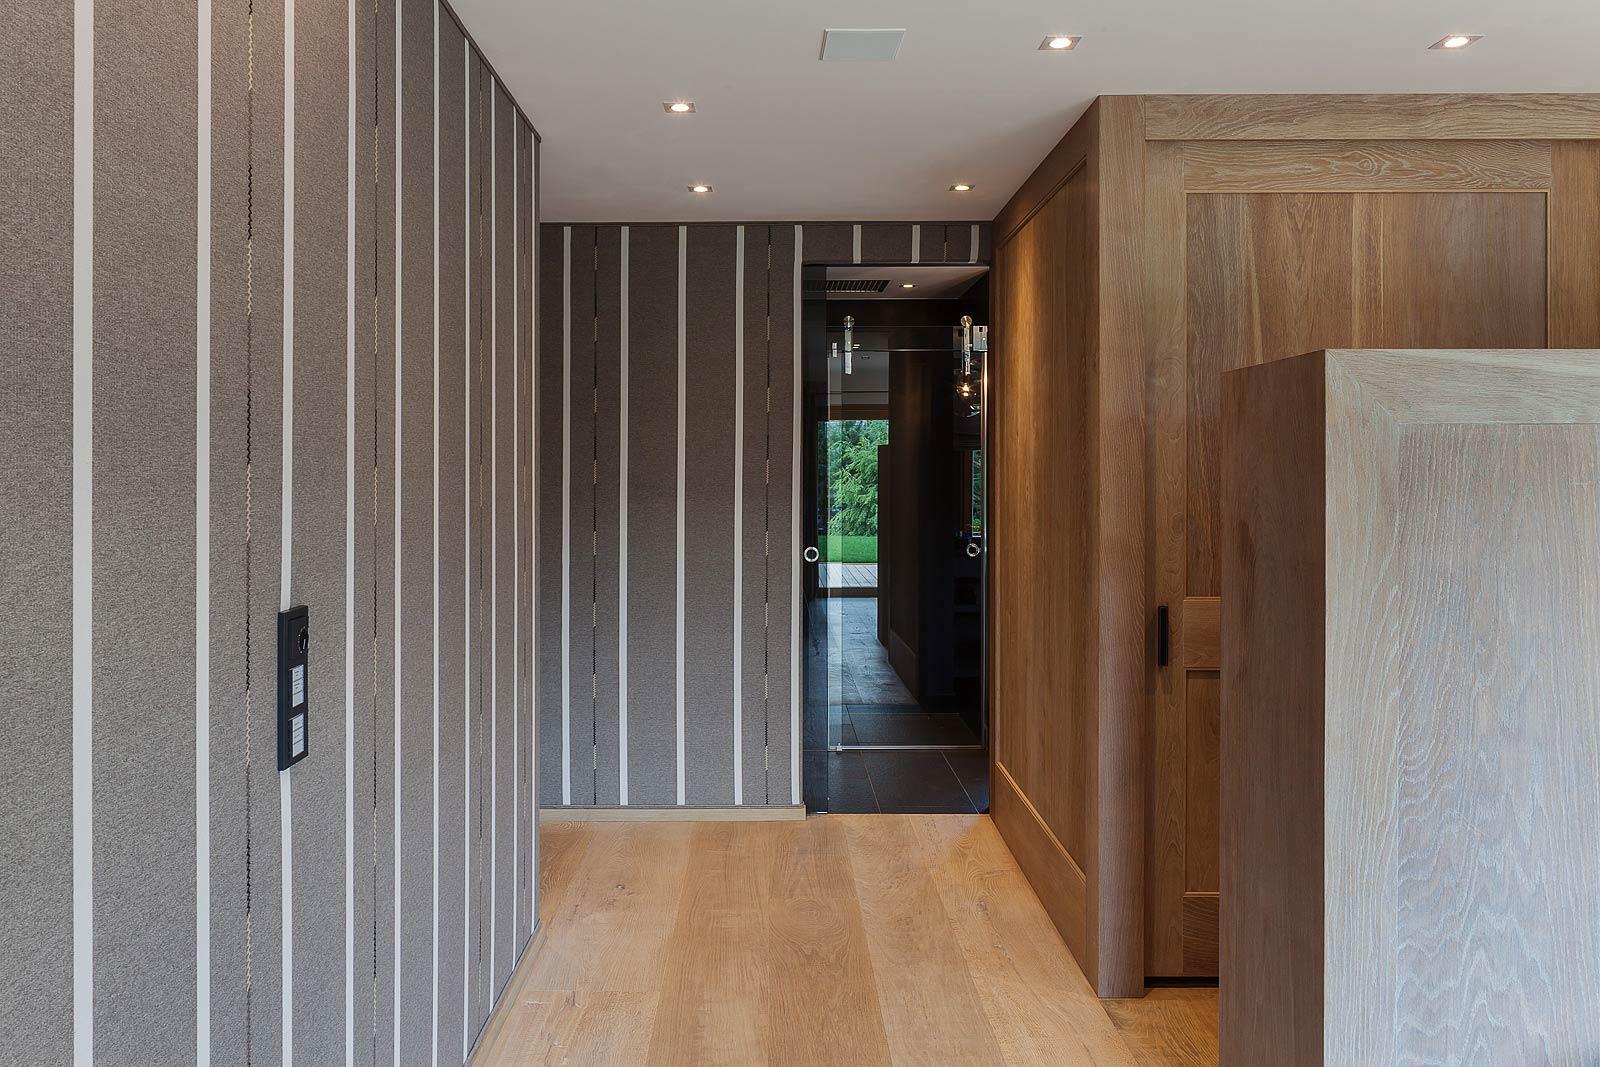 architekturfotografie Einfamilienhaus, Fotos von hochwertiger Innenausstattung,